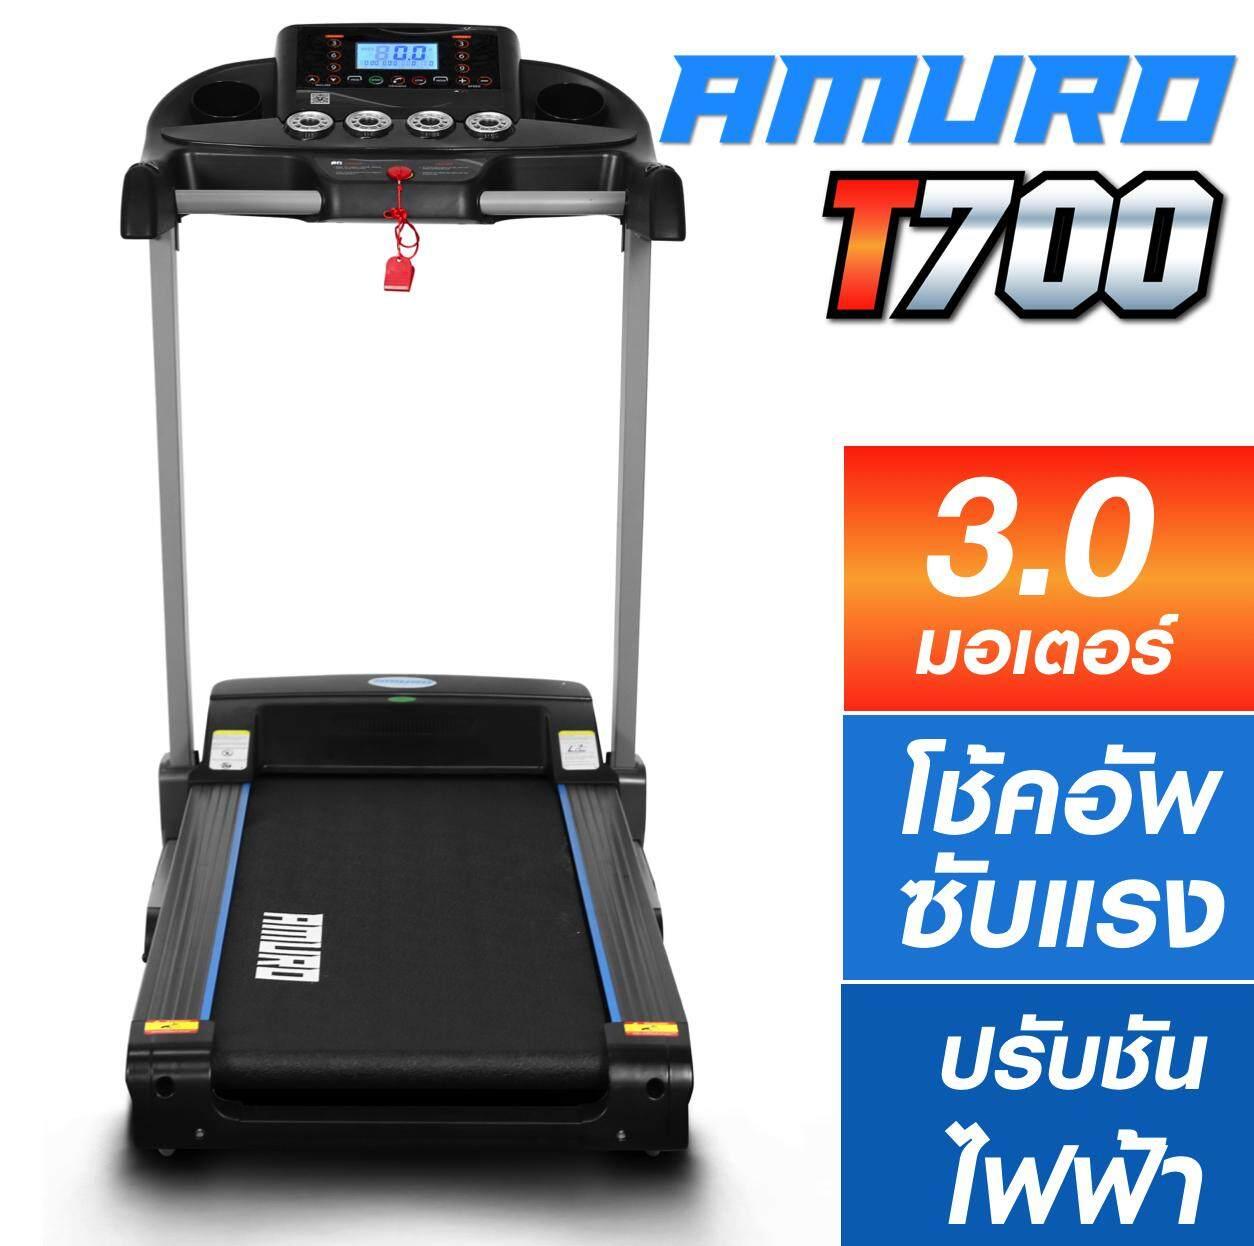 ขายดีมาก! AMURO ลู่วิ่งไฟฟ้า 3.0 แรงม้า รุ่น T700 SMART Treadmill ระบบโช็คอัพ ลดแรงกระแทก เชื่อมต่อ BLUETOOTH ปรับความชั่นด้วยไฟฟ้า AUTO Incline พับเก็บได้